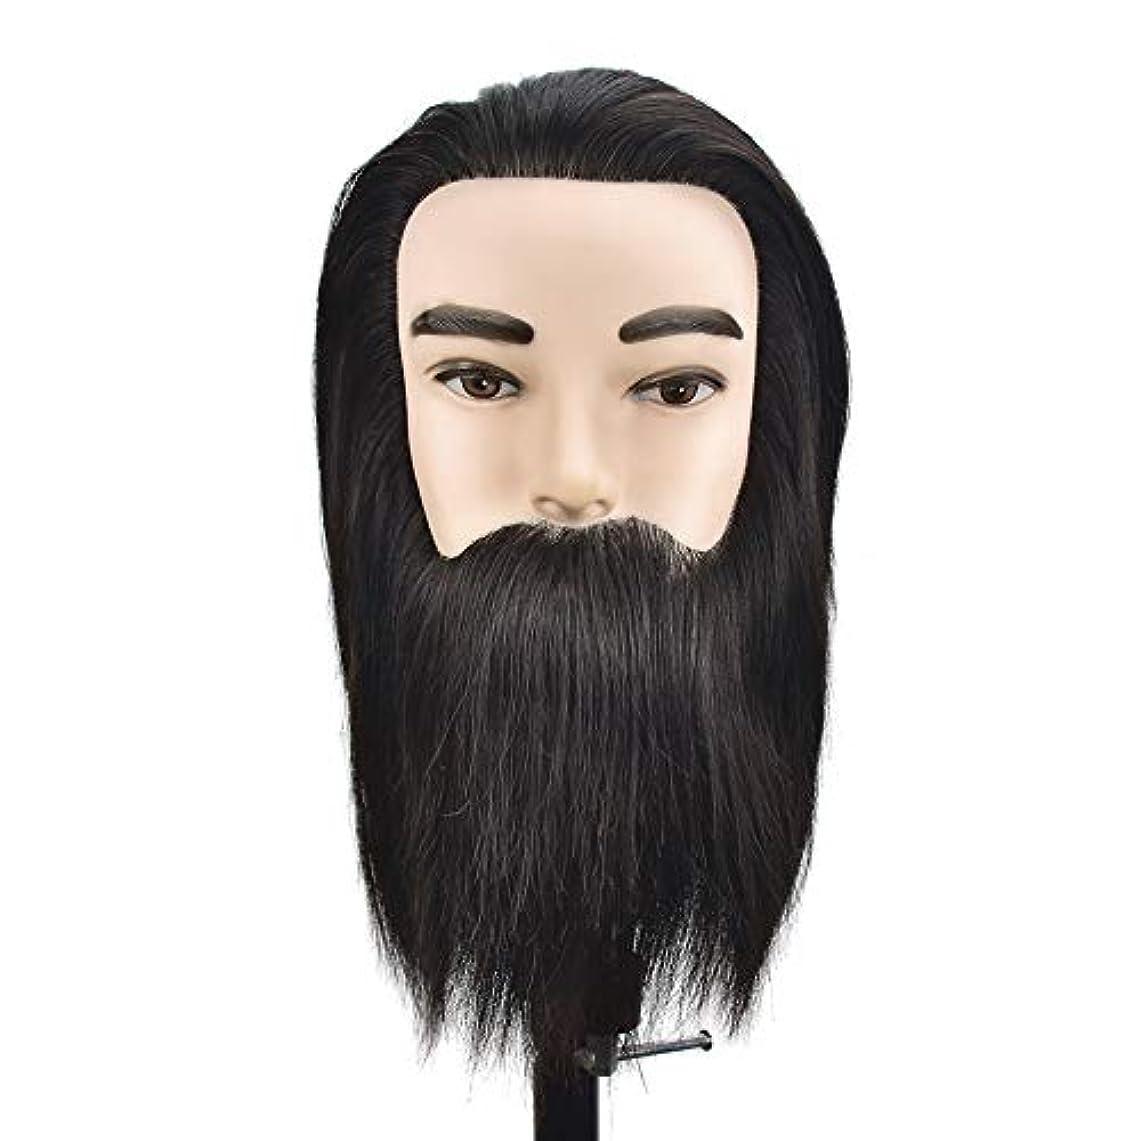 回路即席原稿リアル人間の髪トレーニングヘッドパーマ髪モデル髪染め理髪ダミーヘッドトリミングひげ学習ヘッドモデル